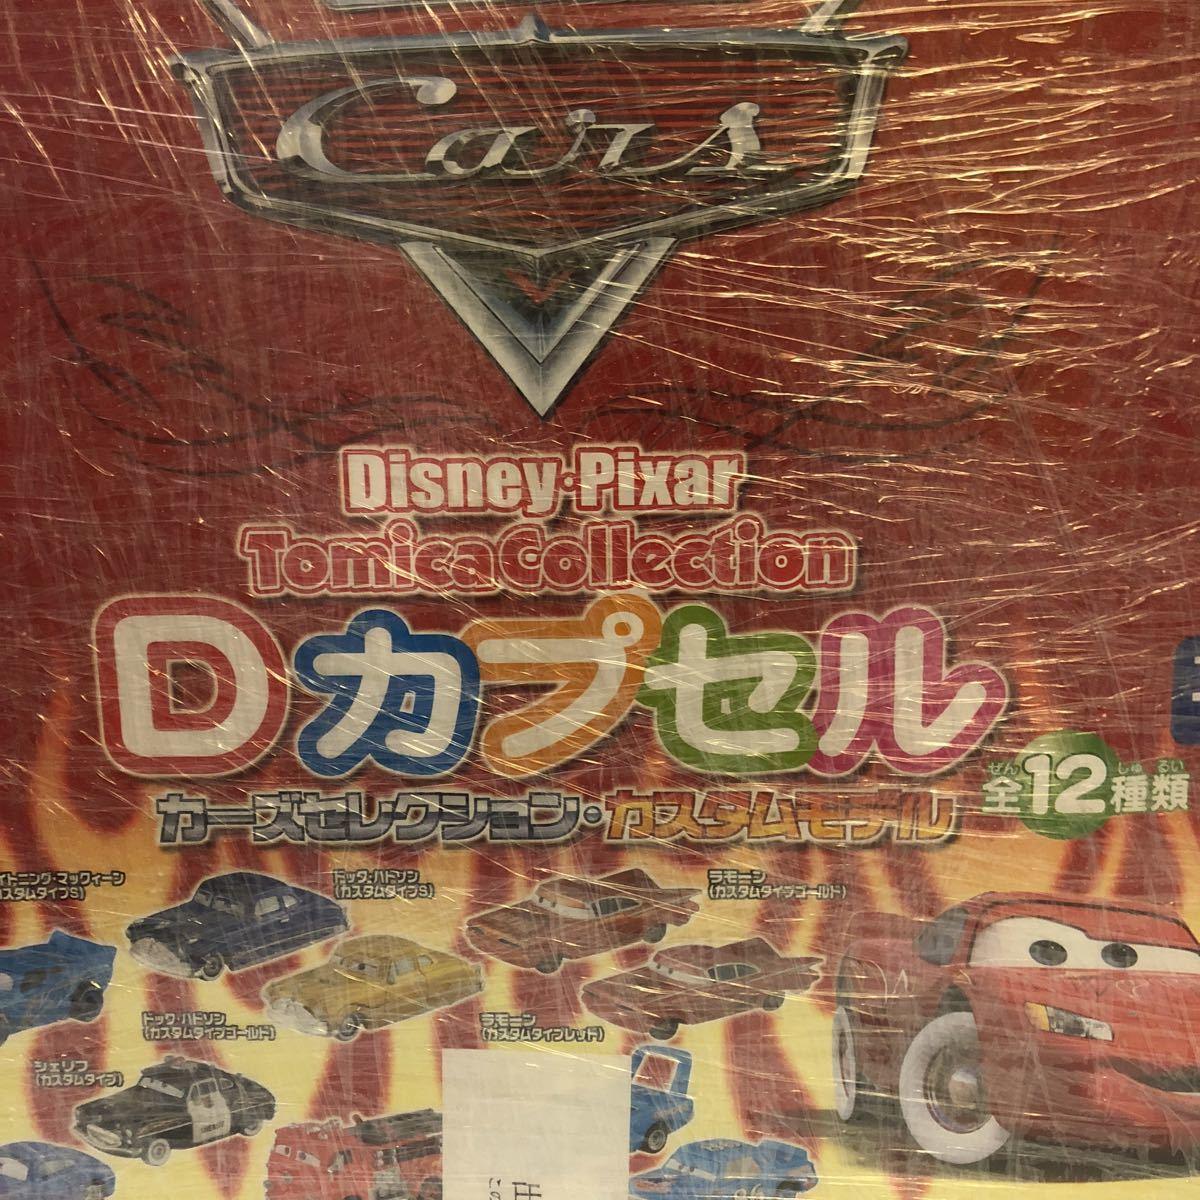 トミカ ディズニー カーズ Dカプセル カスタムモデル 12個セット 未開封品